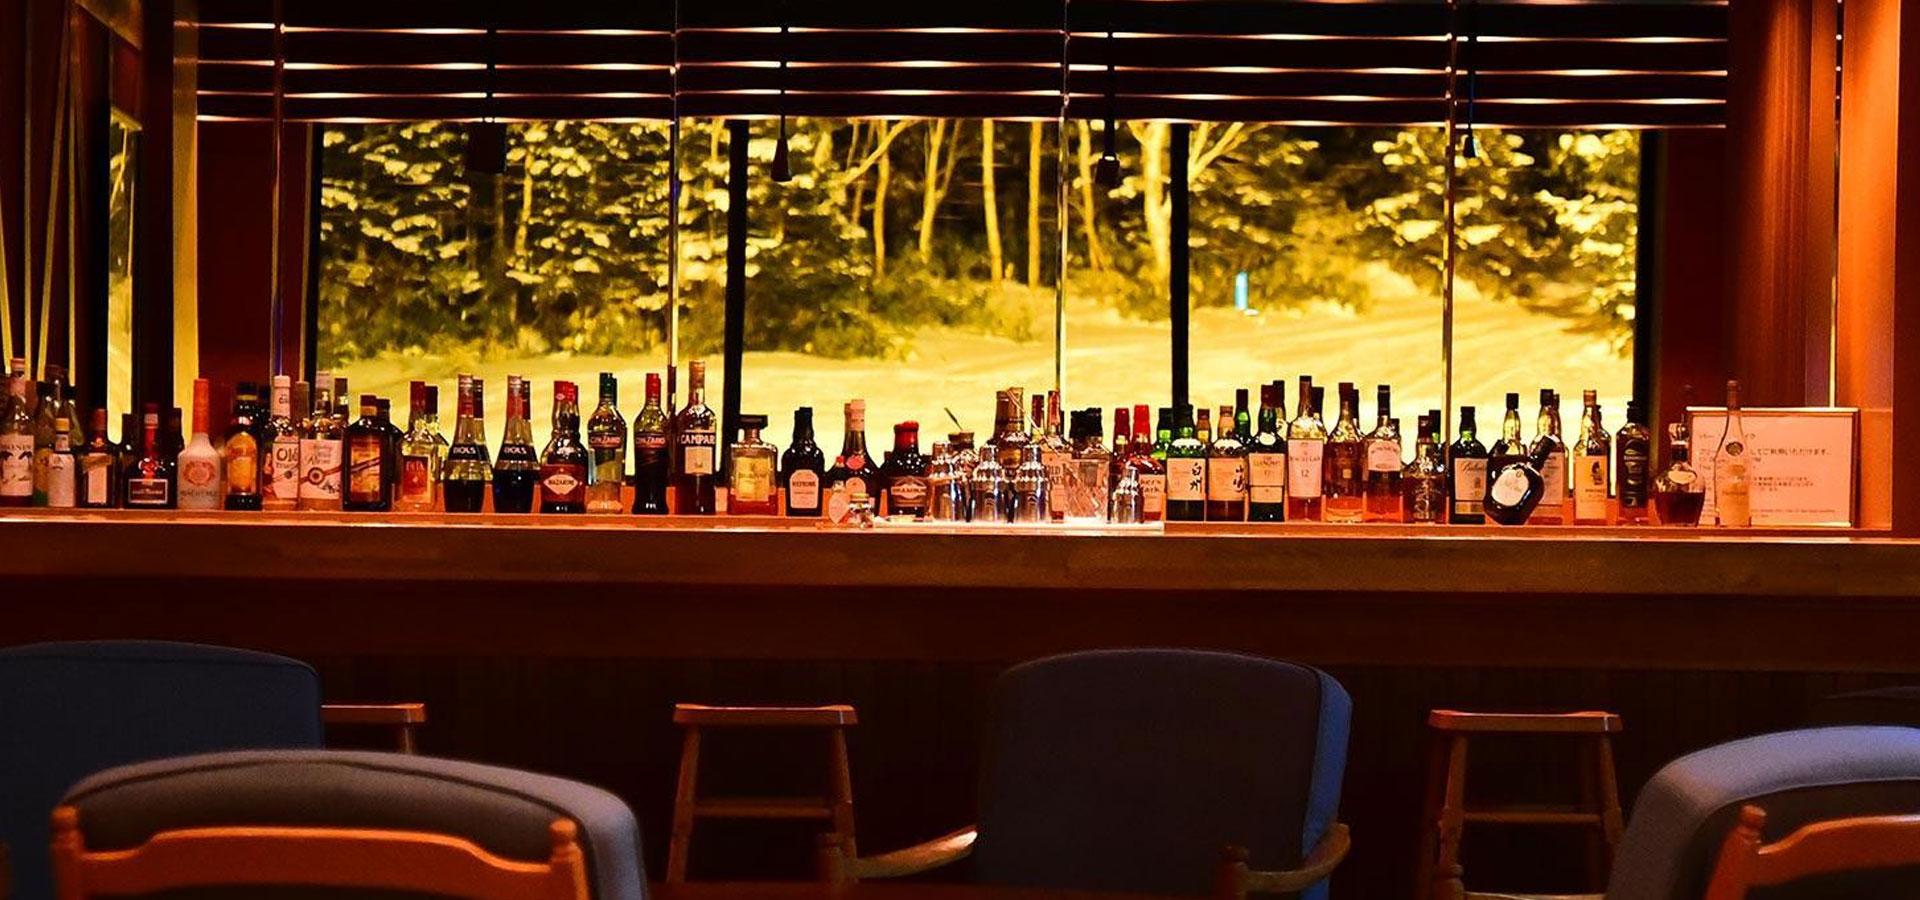 Bar Le Etoile